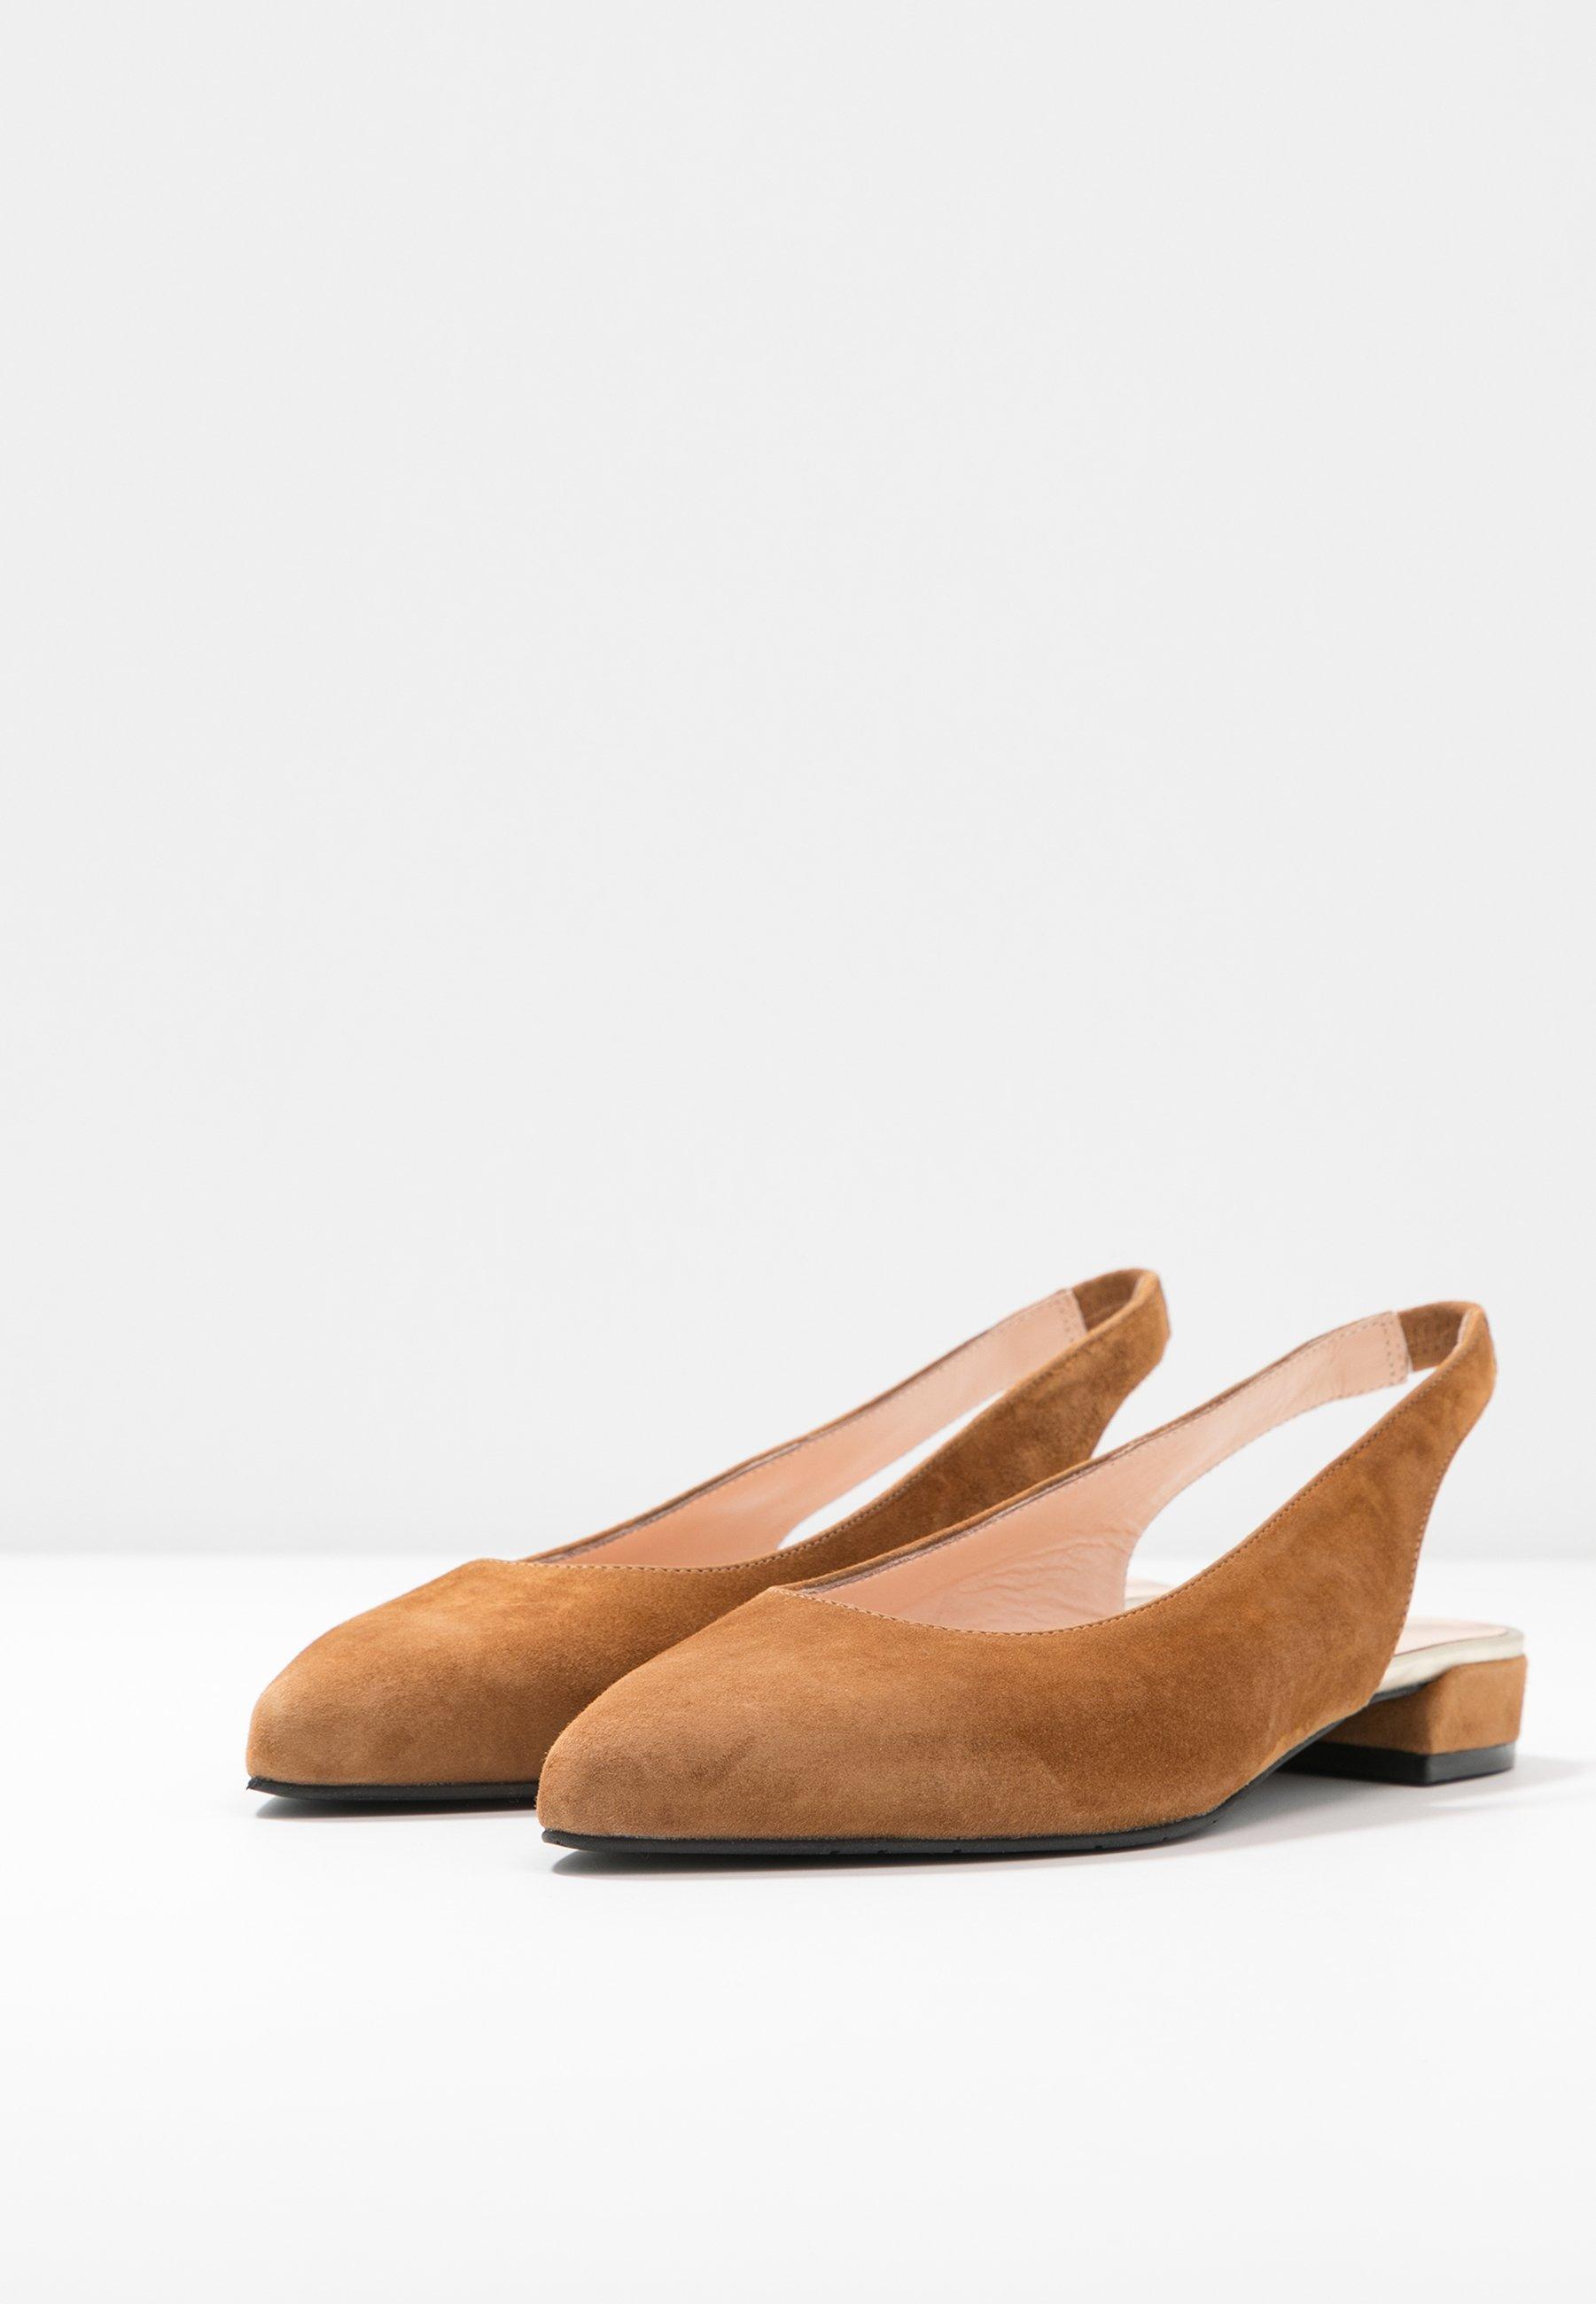 Maripé Ballerinasko - sellaluxor/oro chiaro